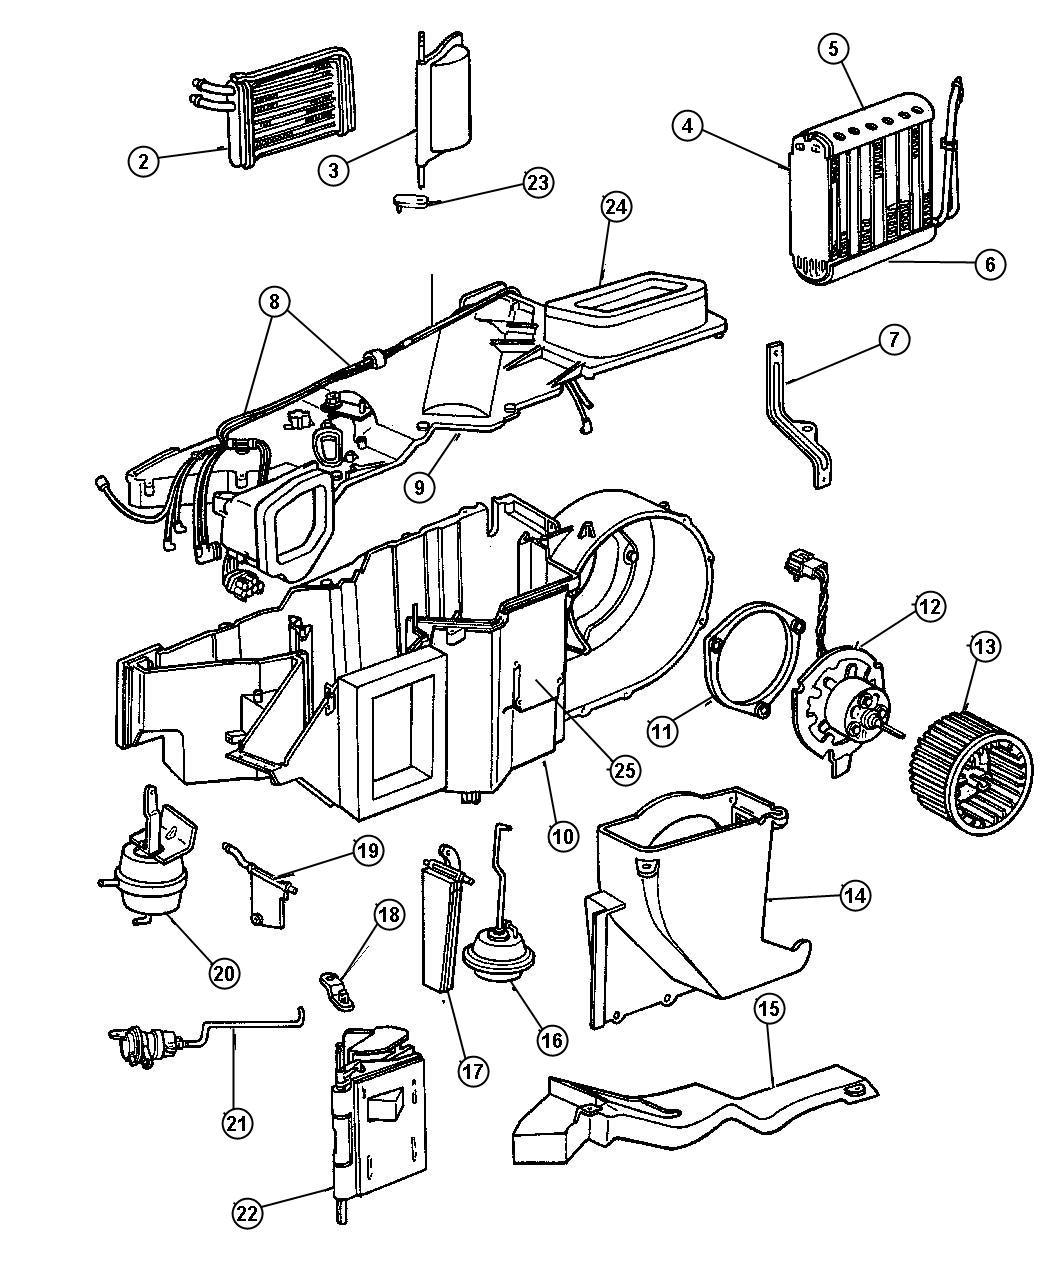 2007 pontiac g6 2.4 engine diagram